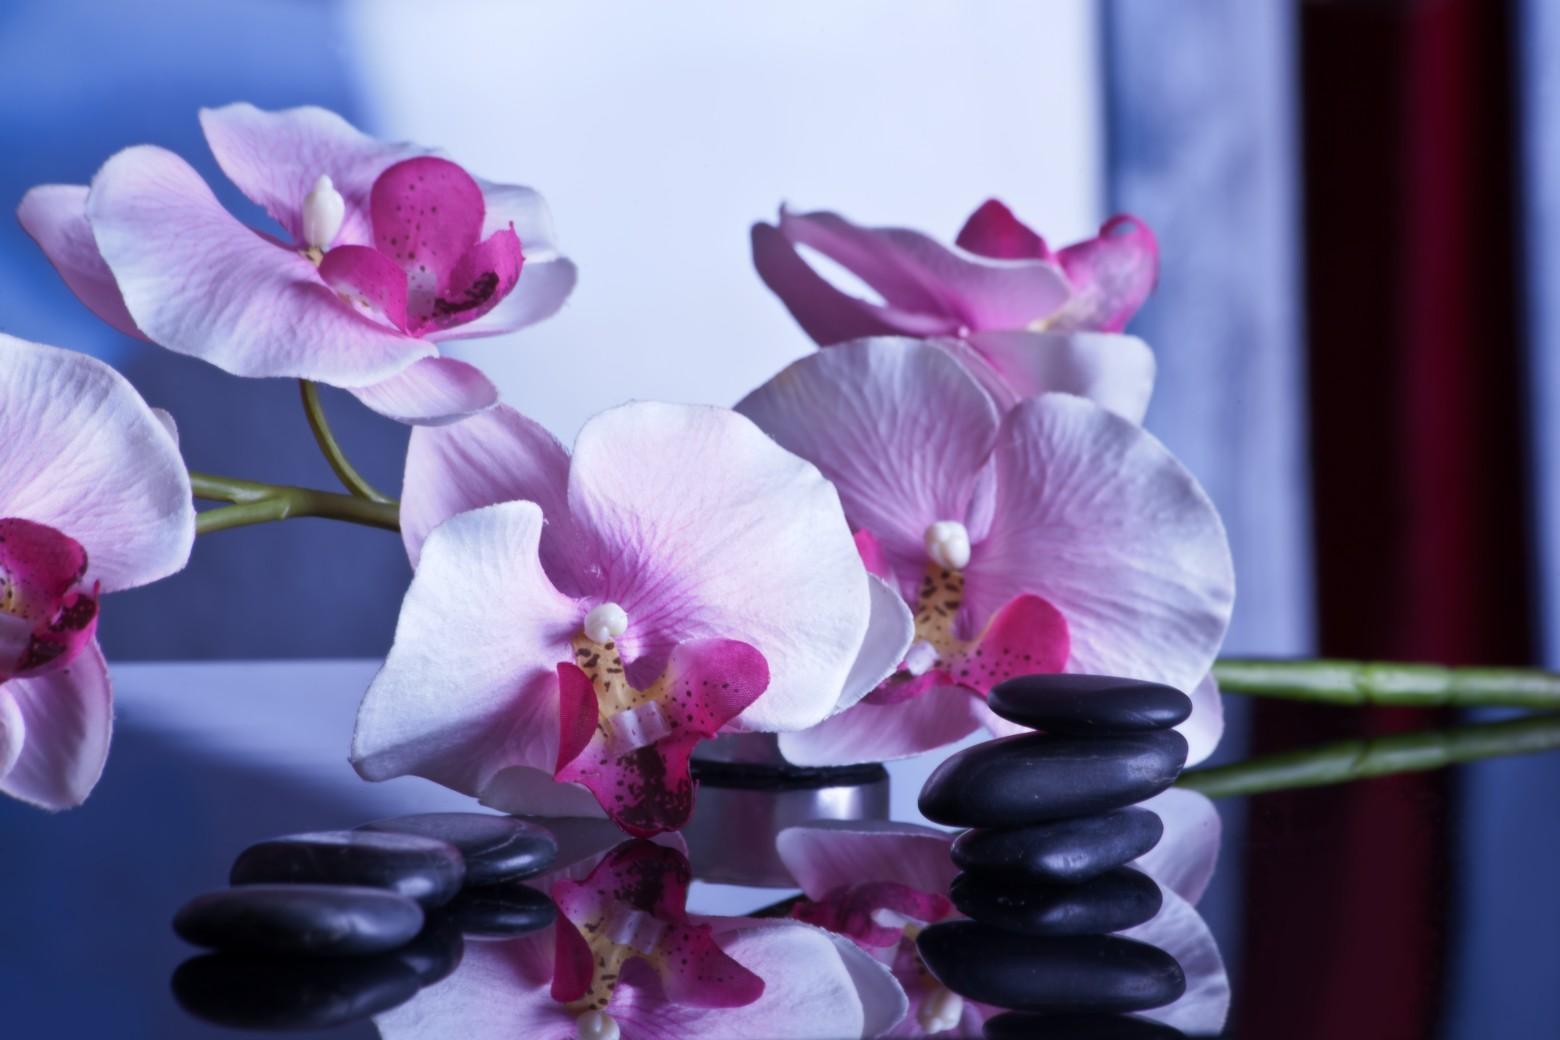 Zen massage spa images photos gratuites et libres de - Images coeur gratuites ...